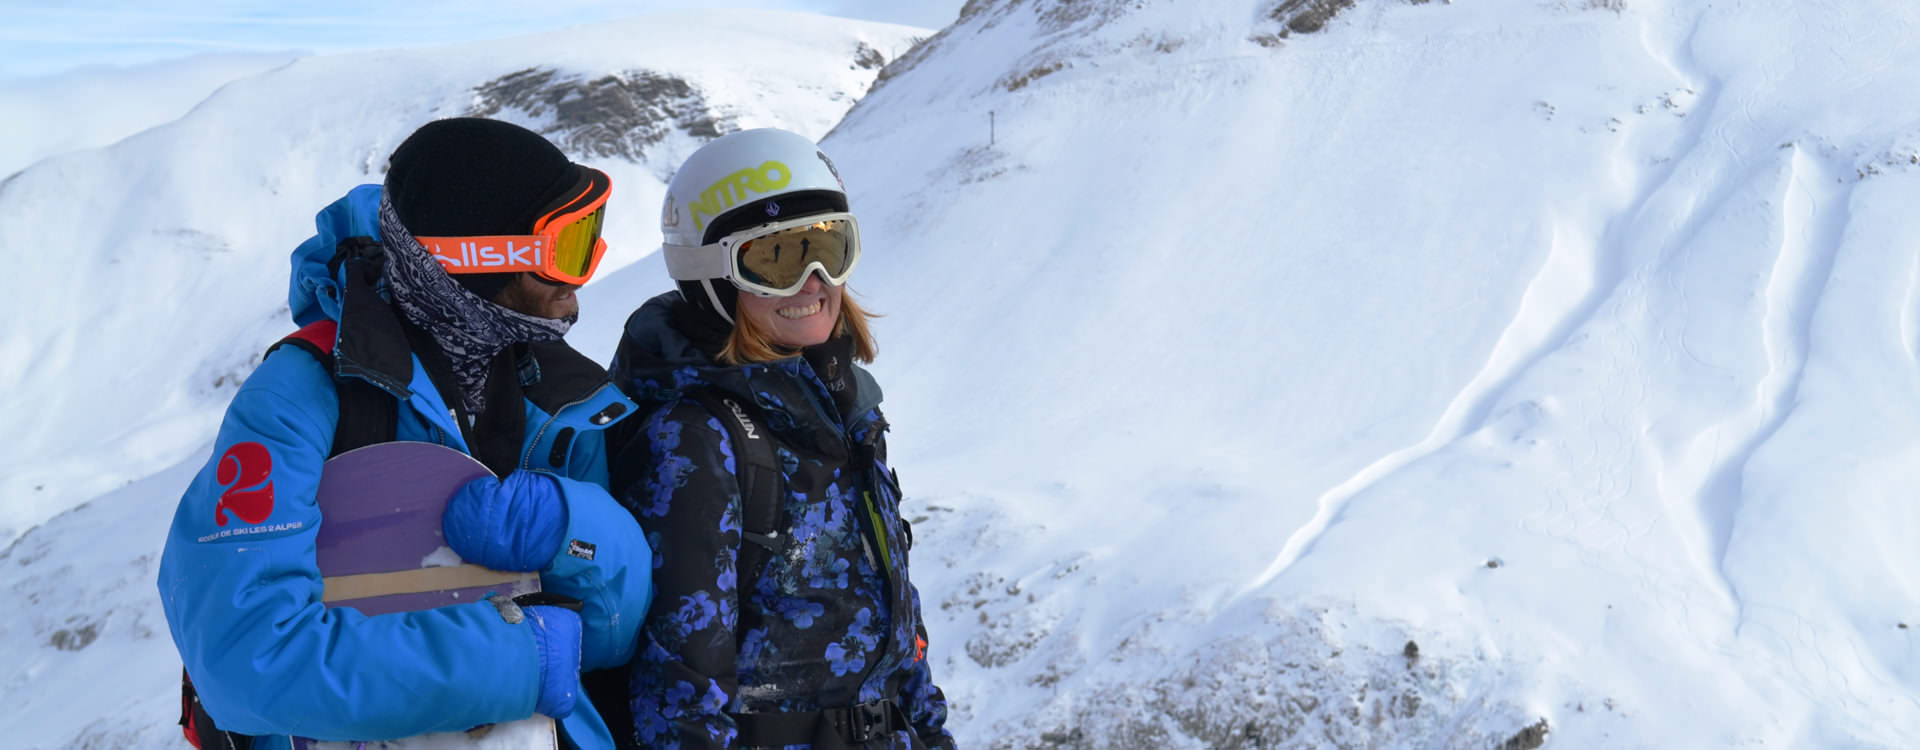 Snowboard-Levels_mini_mini